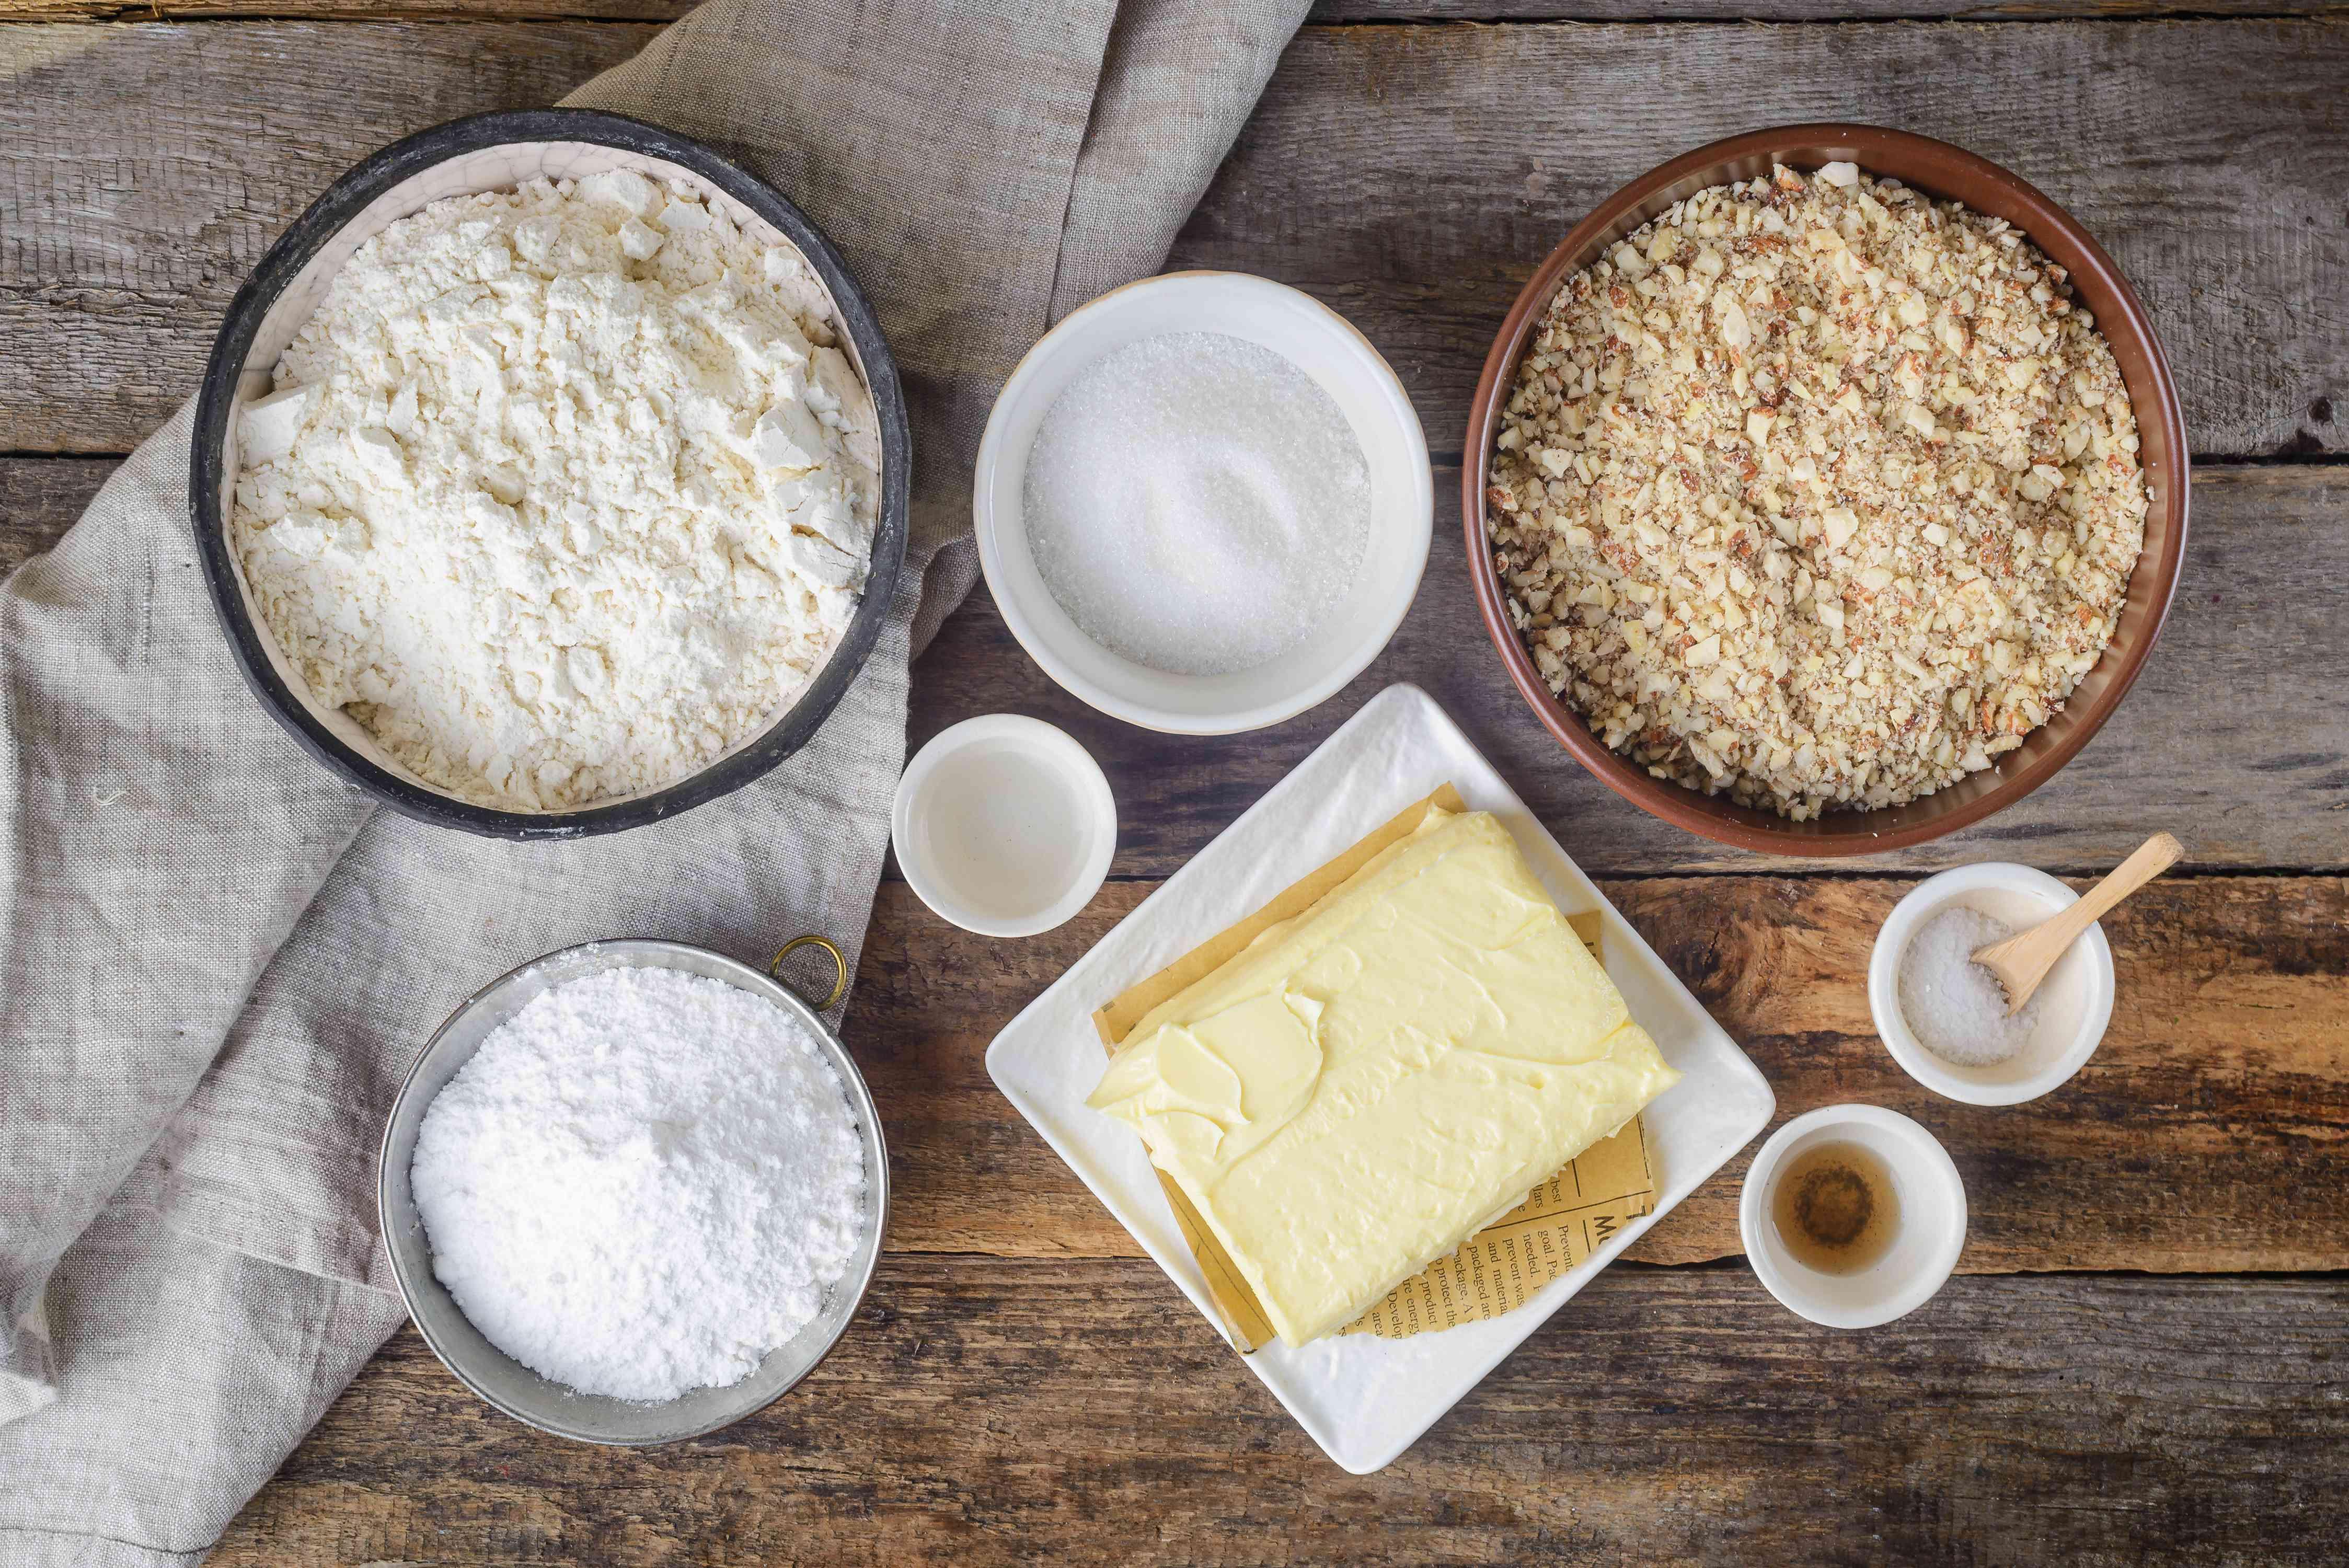 Vanilla crescents ingredients